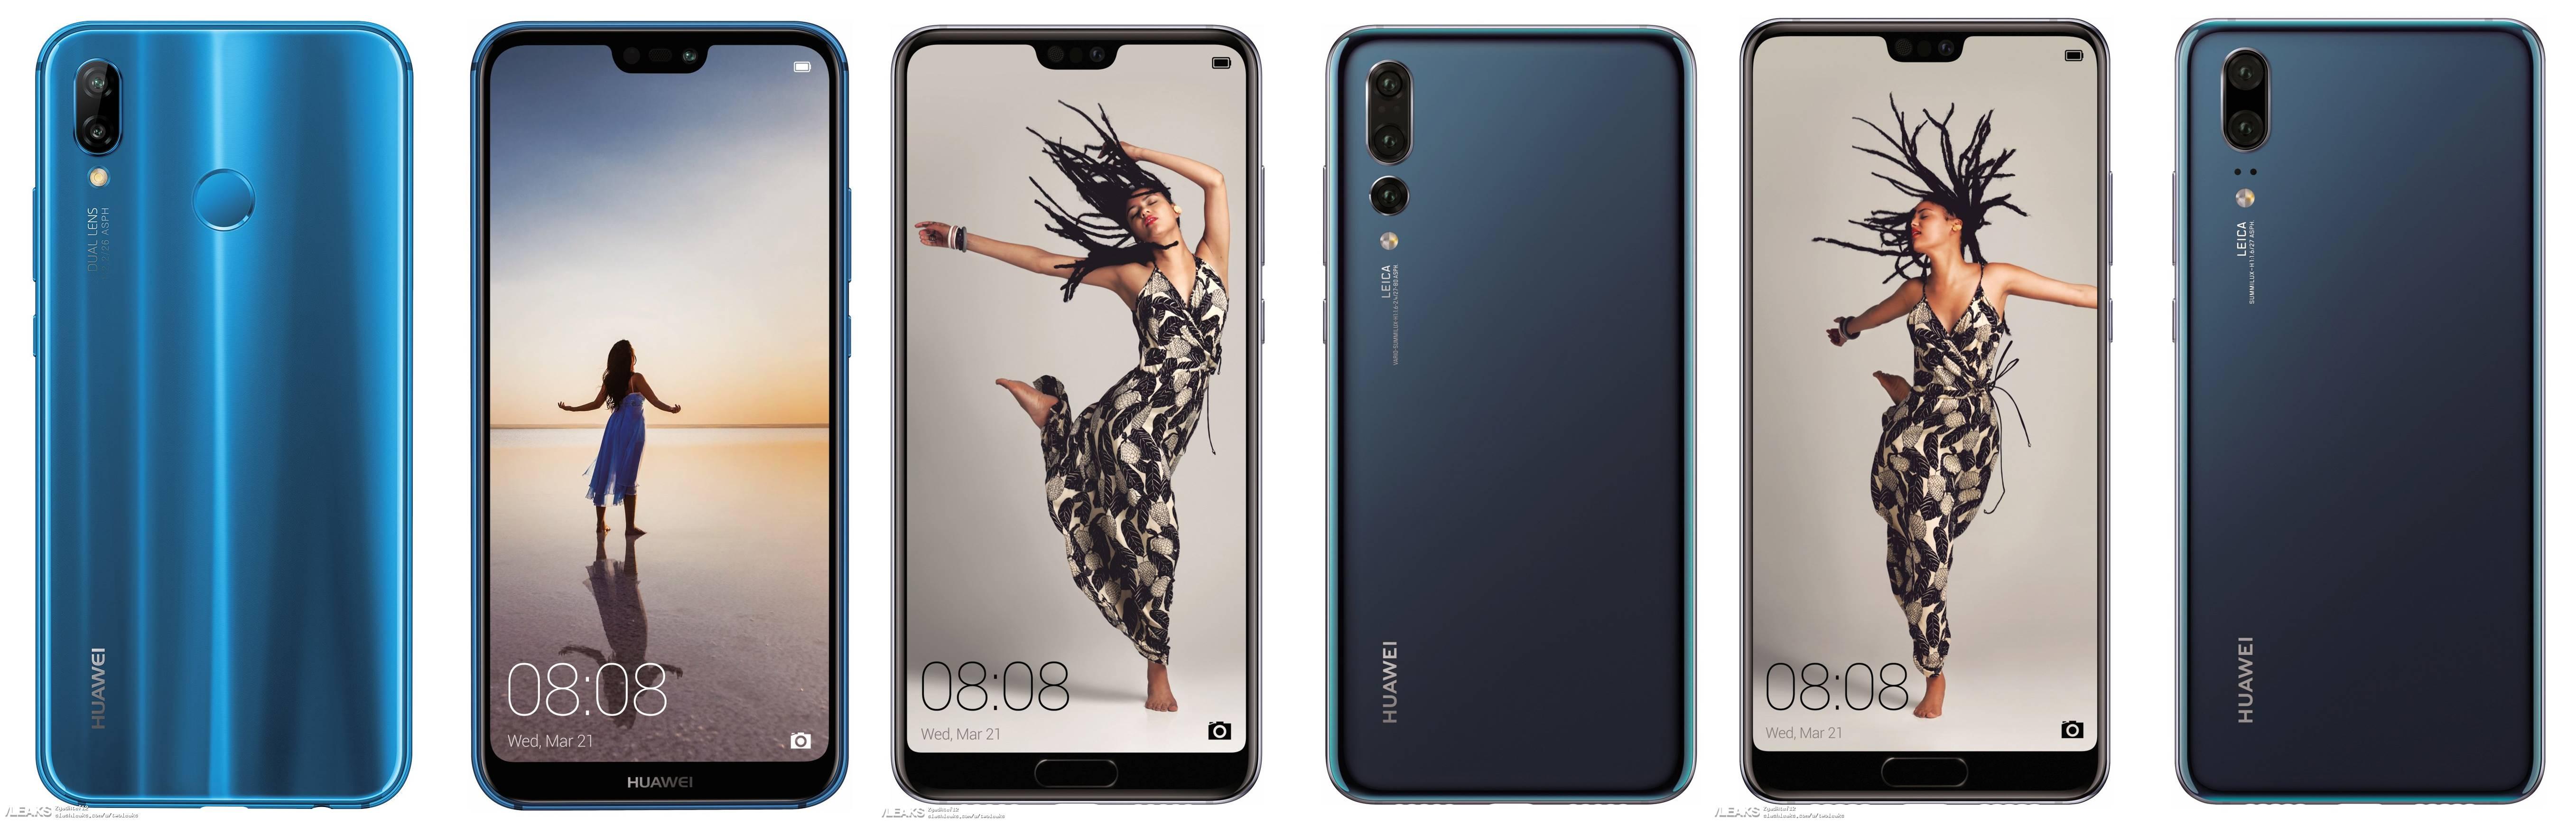 Huawei P20 design imagini oficial 1